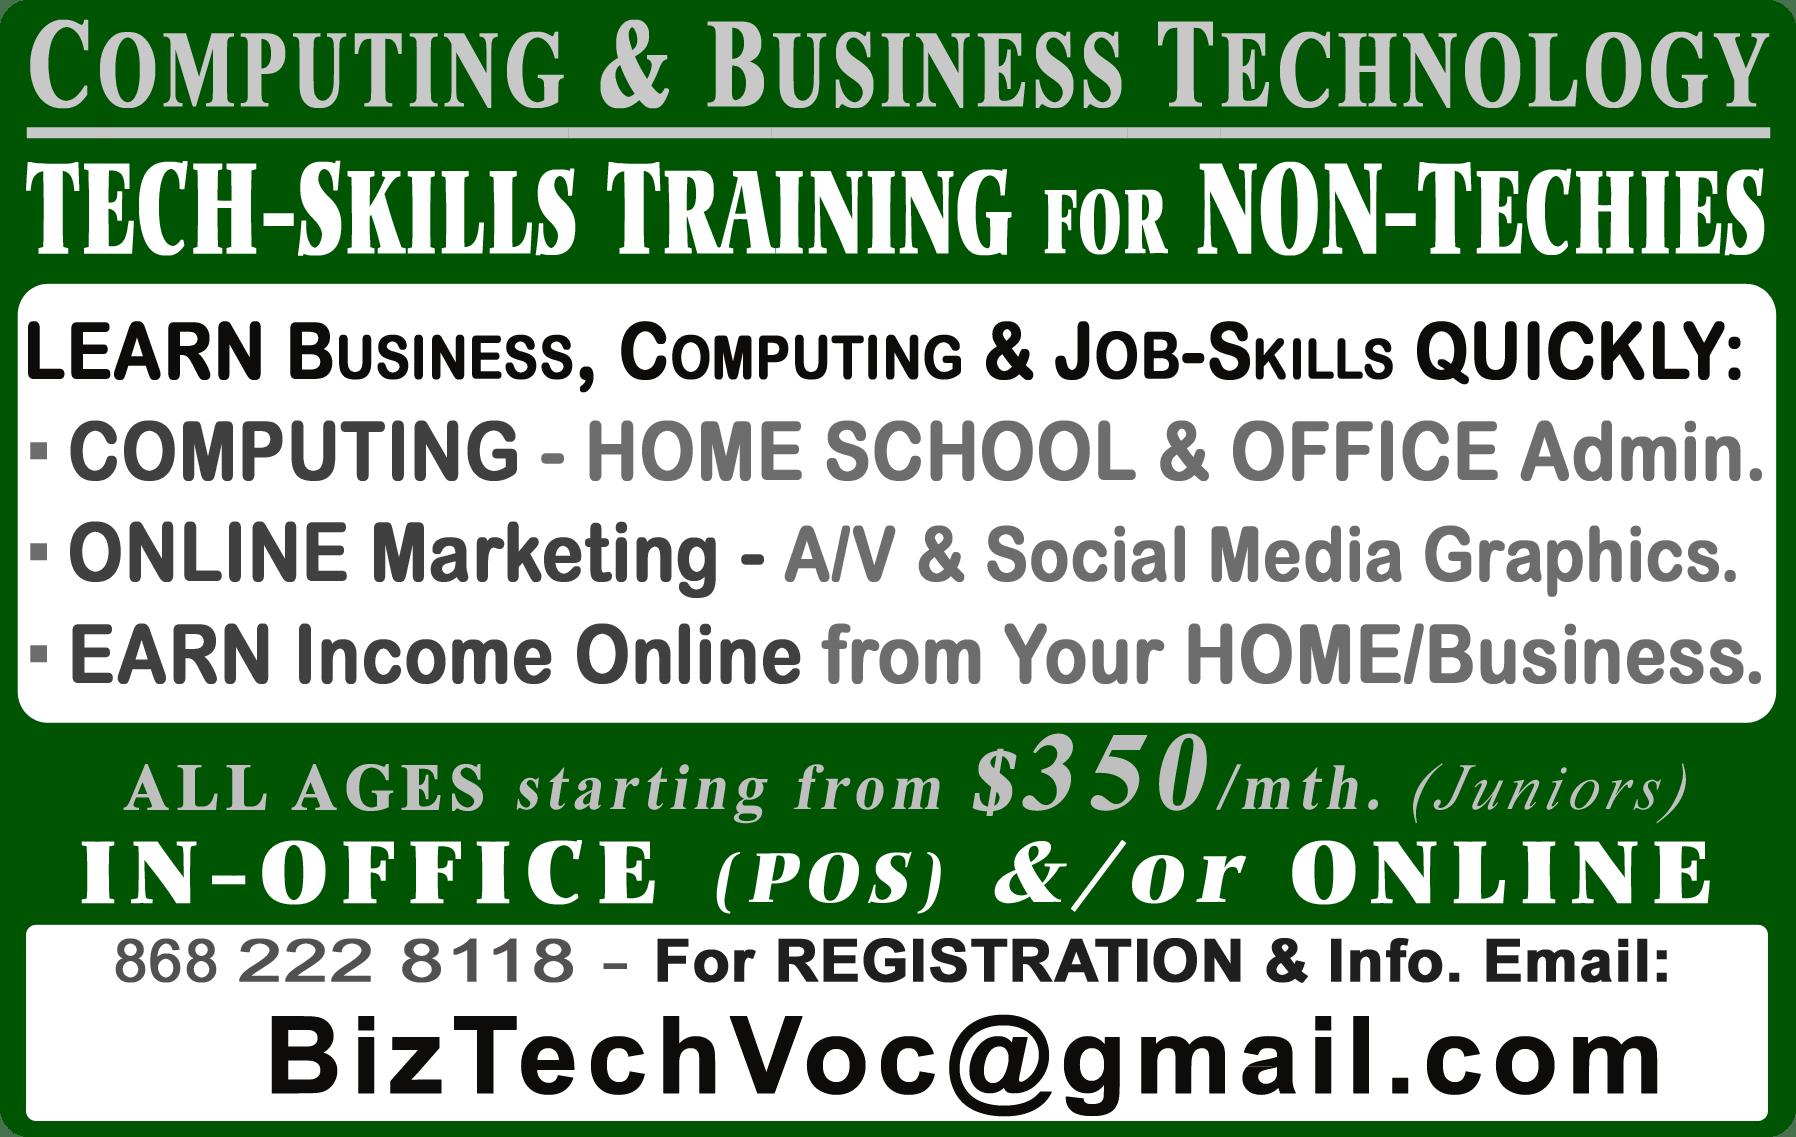 BizTech Business & Technology Skills Training